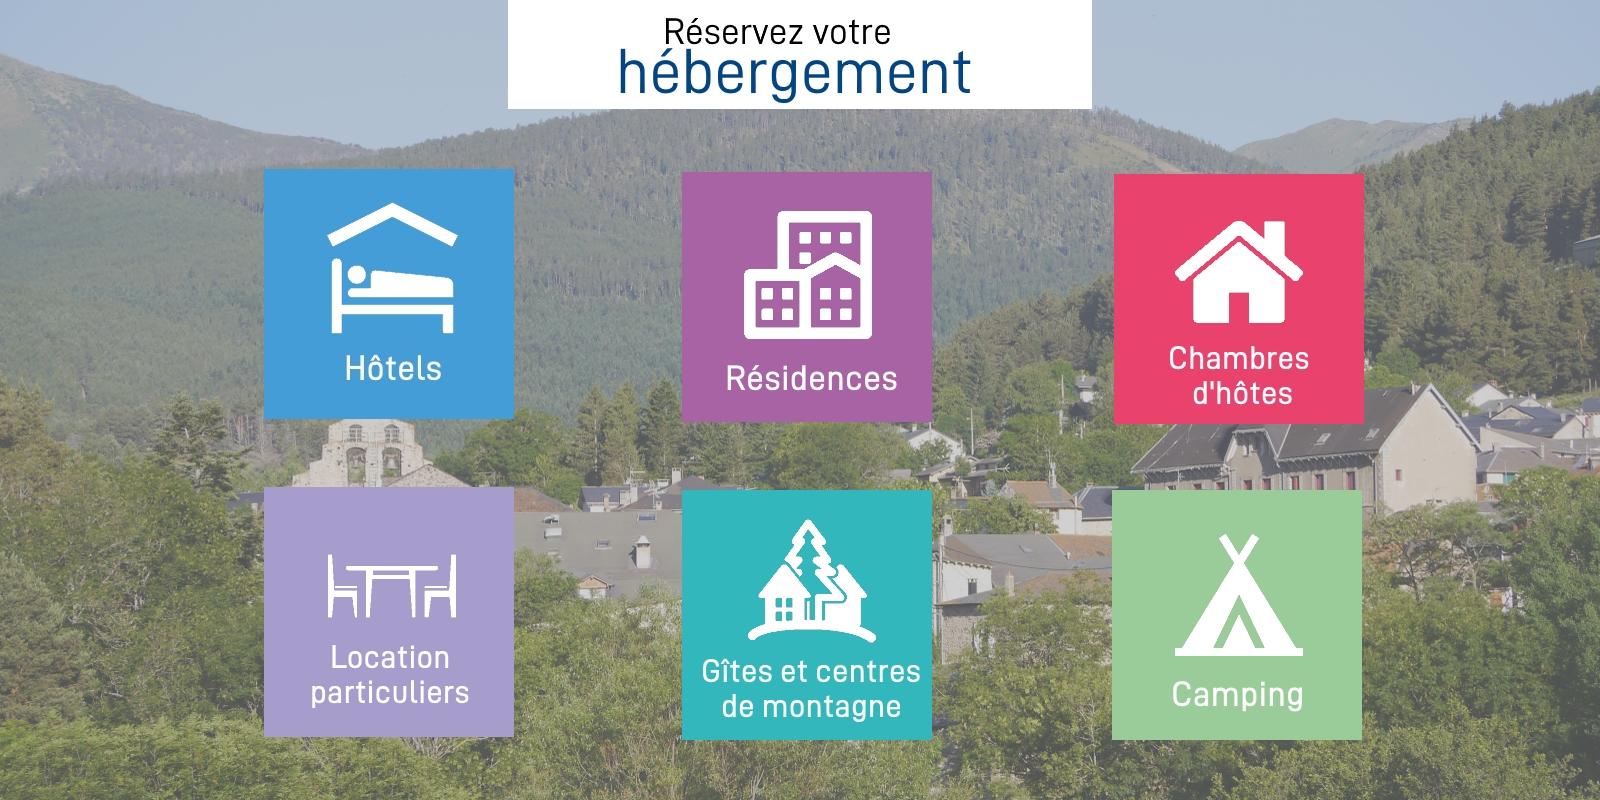 (Français) Les hébergements